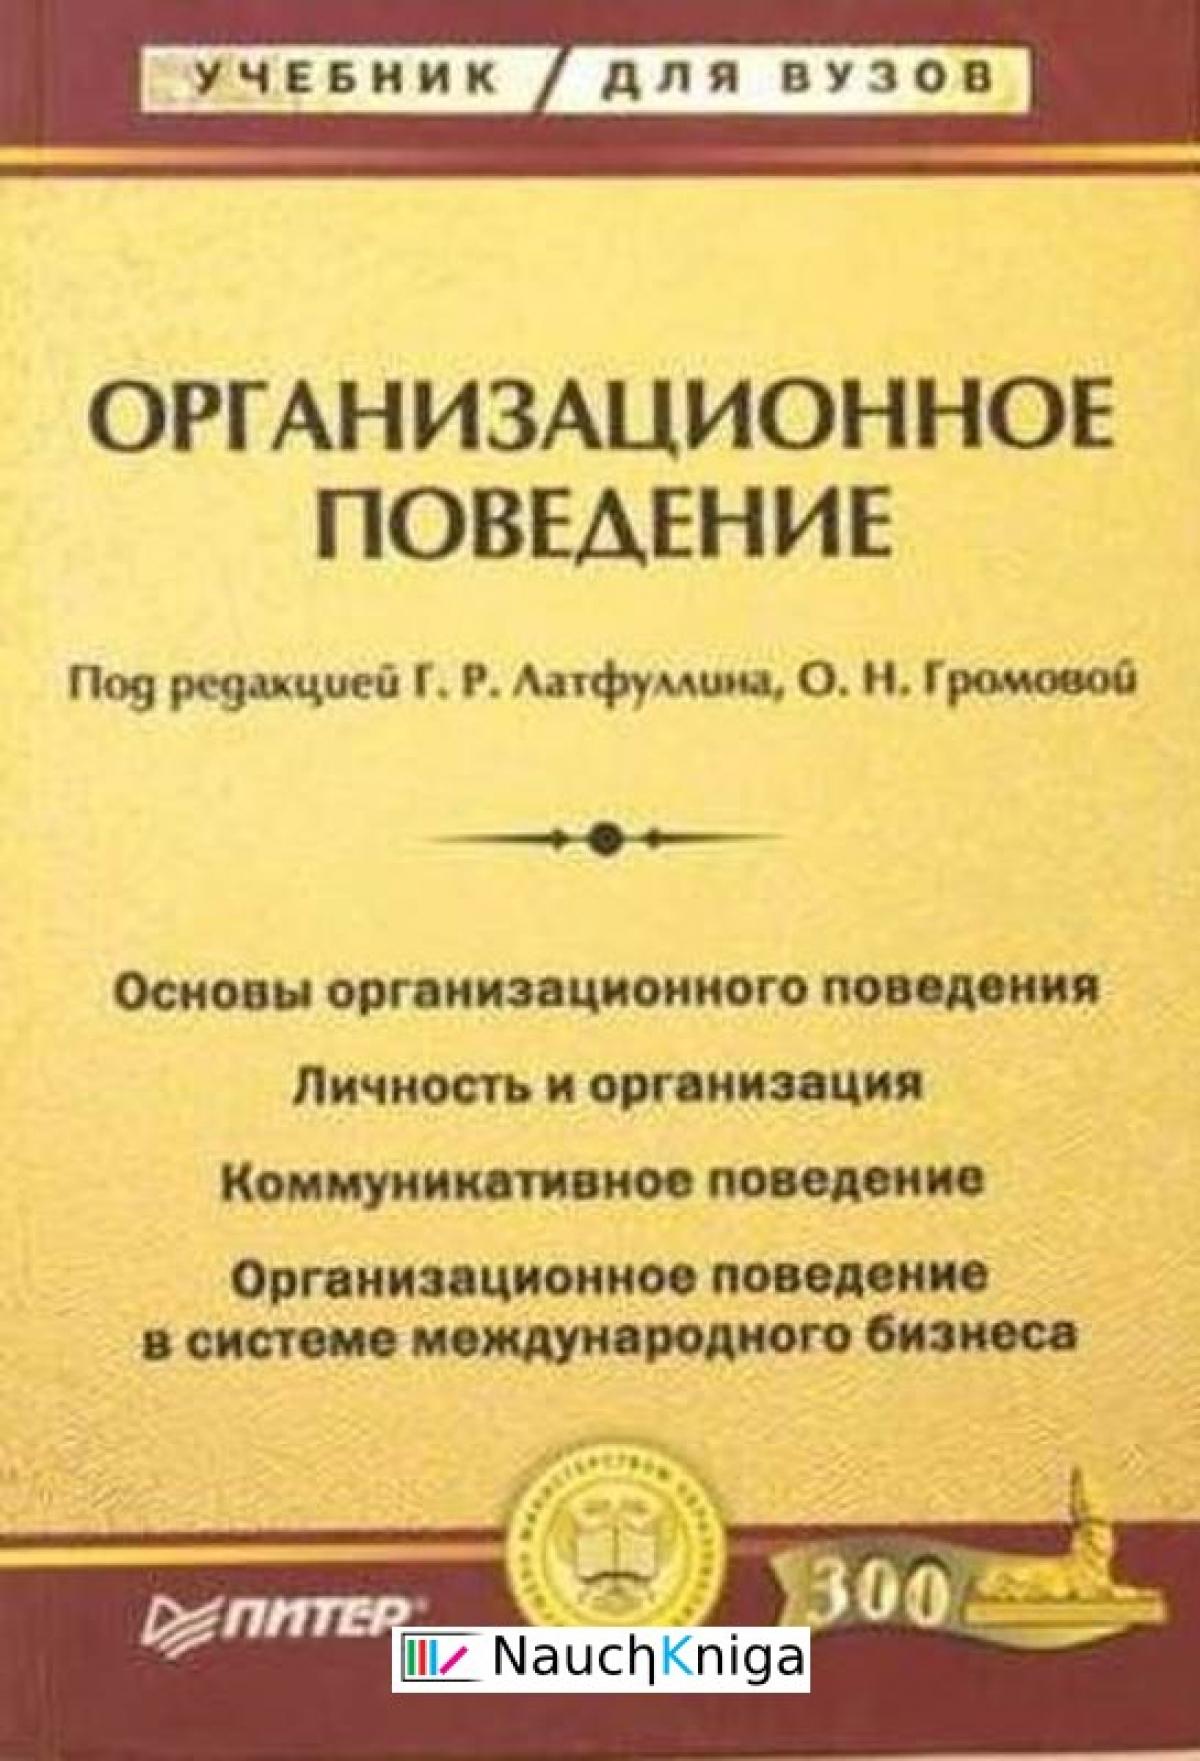 Обложка книги:  г.р. латфуллин, о.н. громова - организационное поведение.